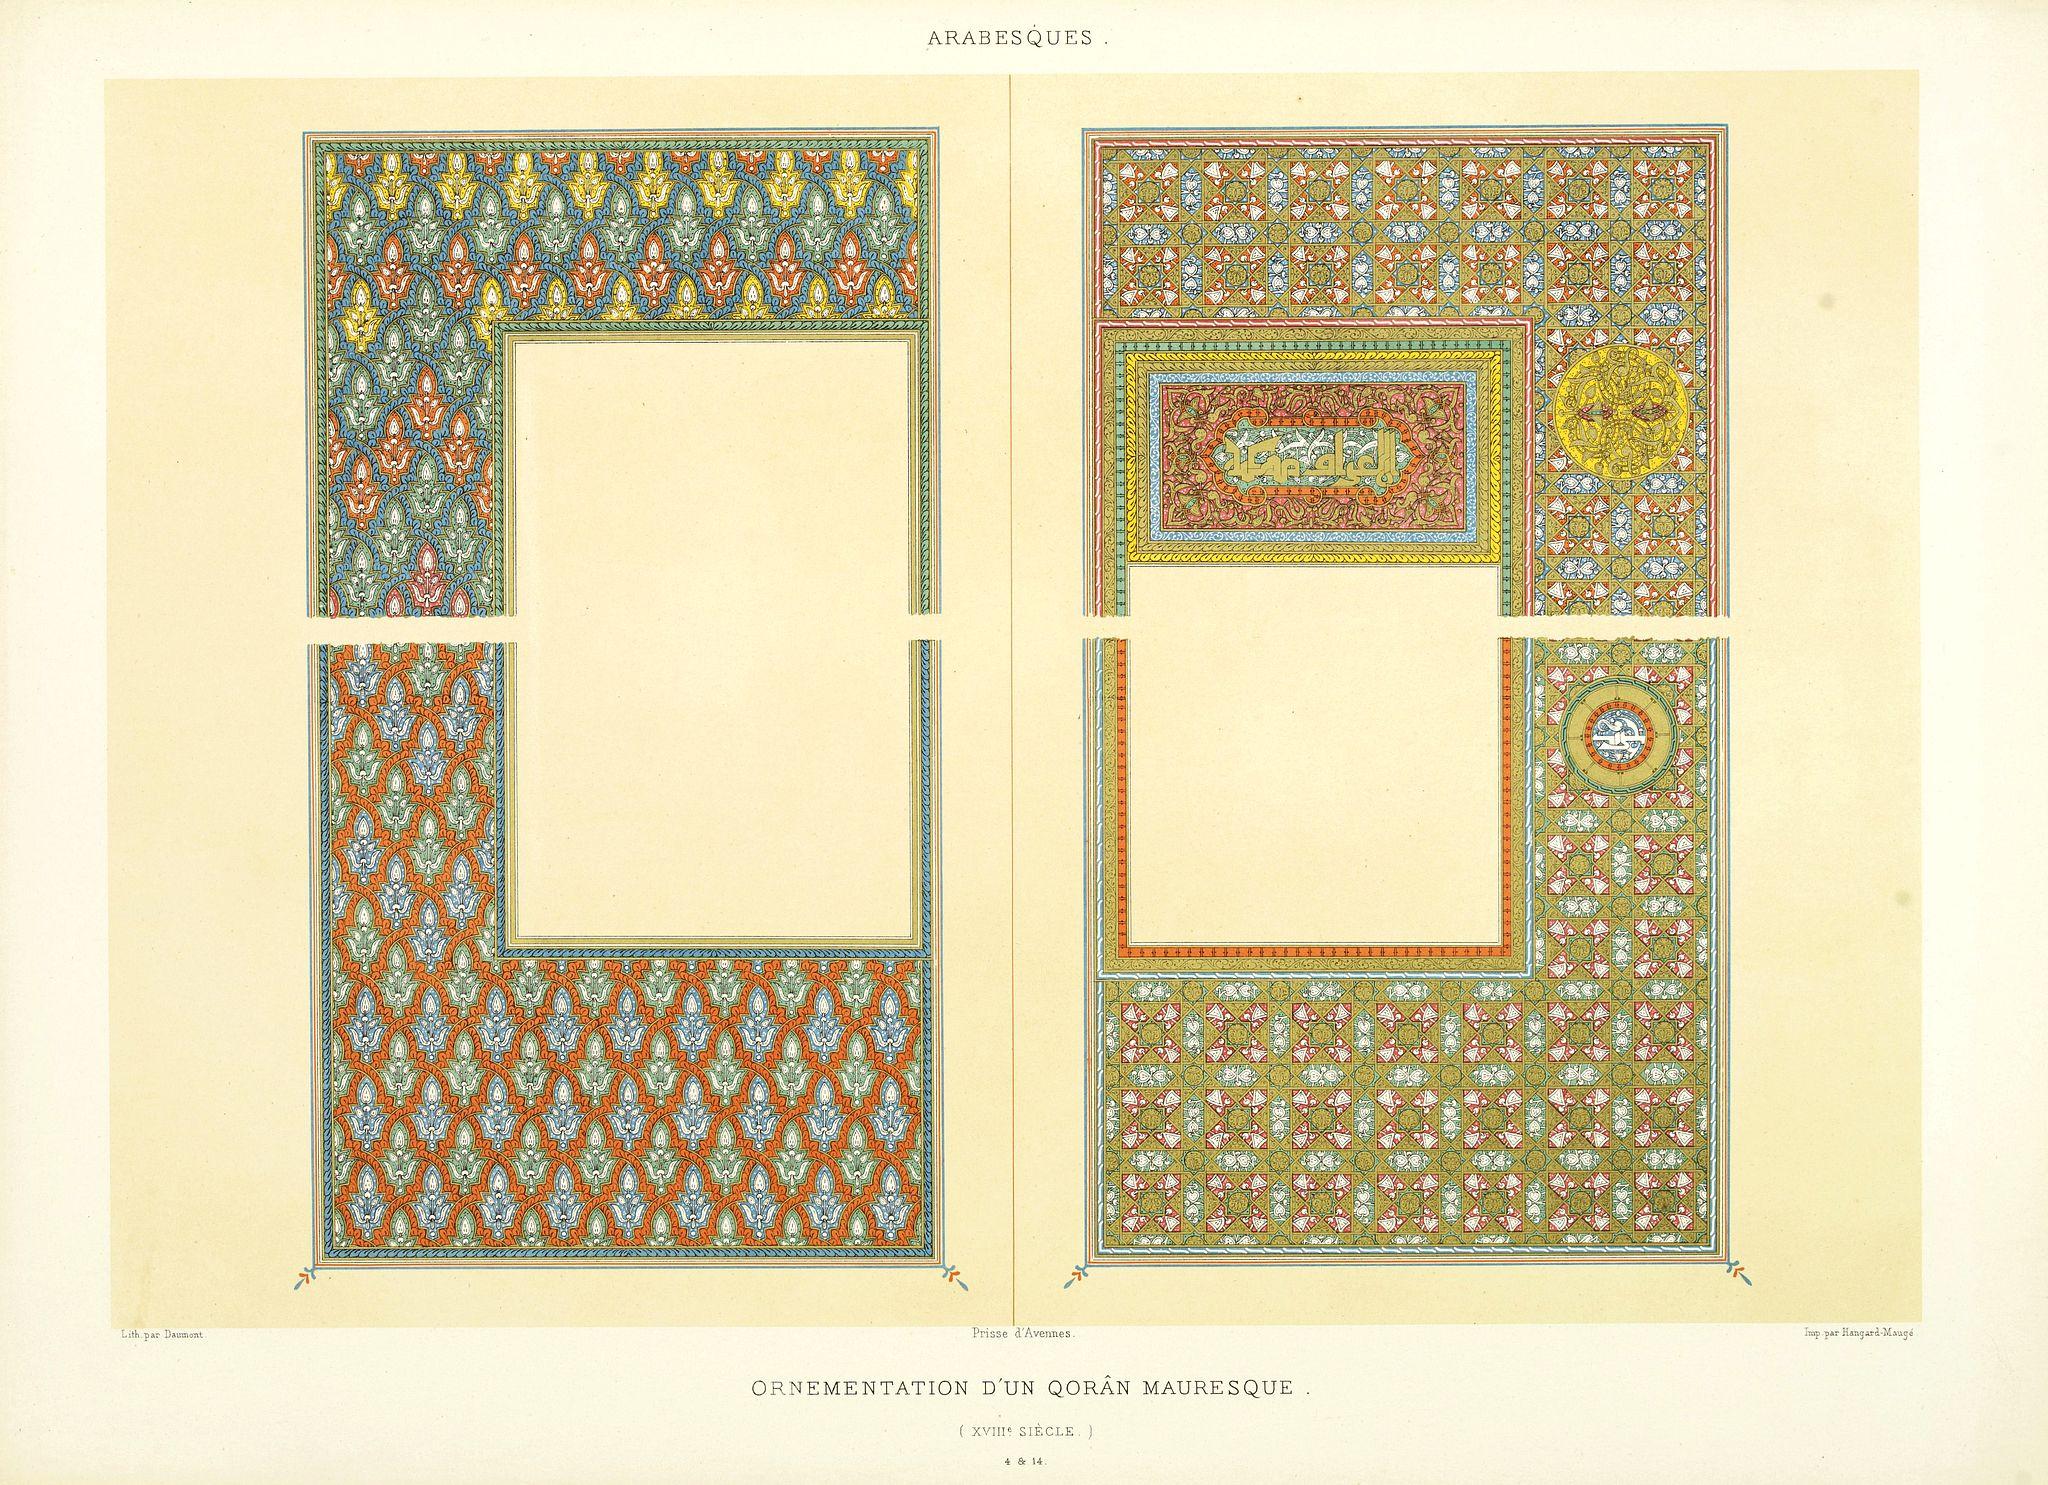 PRISSE D'AVENNES, E. -  Arabesques. - Ornementation d'un Qoran Mauresque (XVIIIe siècle)